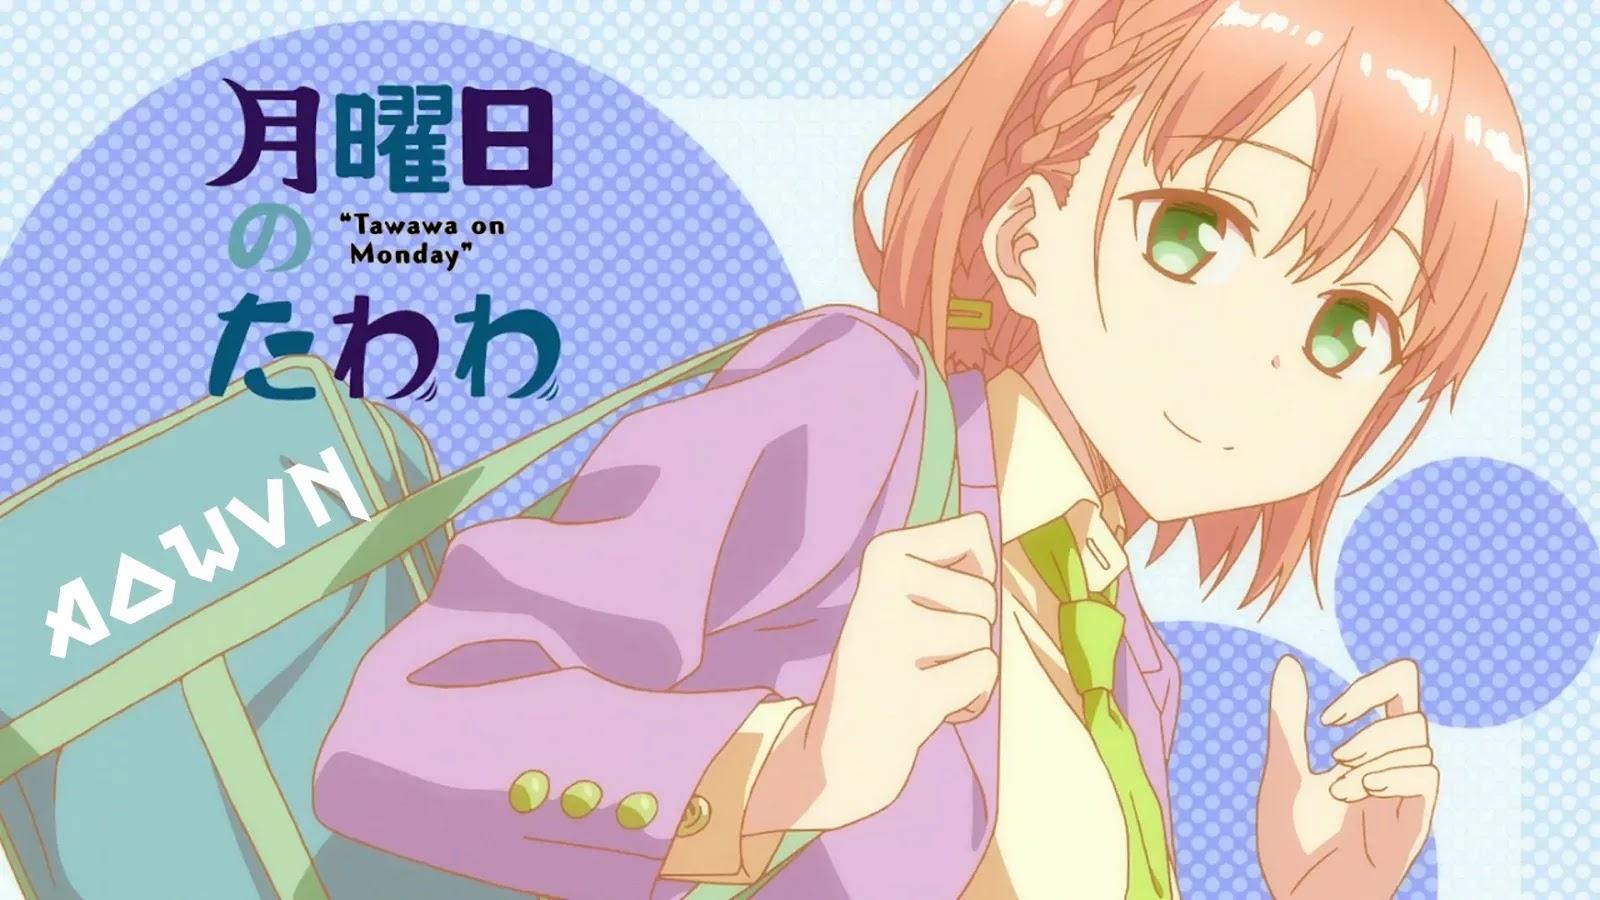 tawawa%2Bon%2Bmonday aowvn - [ Anime 3gp mp4 ] Tawawa on Monday Vietsub – Vệ Sĩ Bất Đắc Dĩ